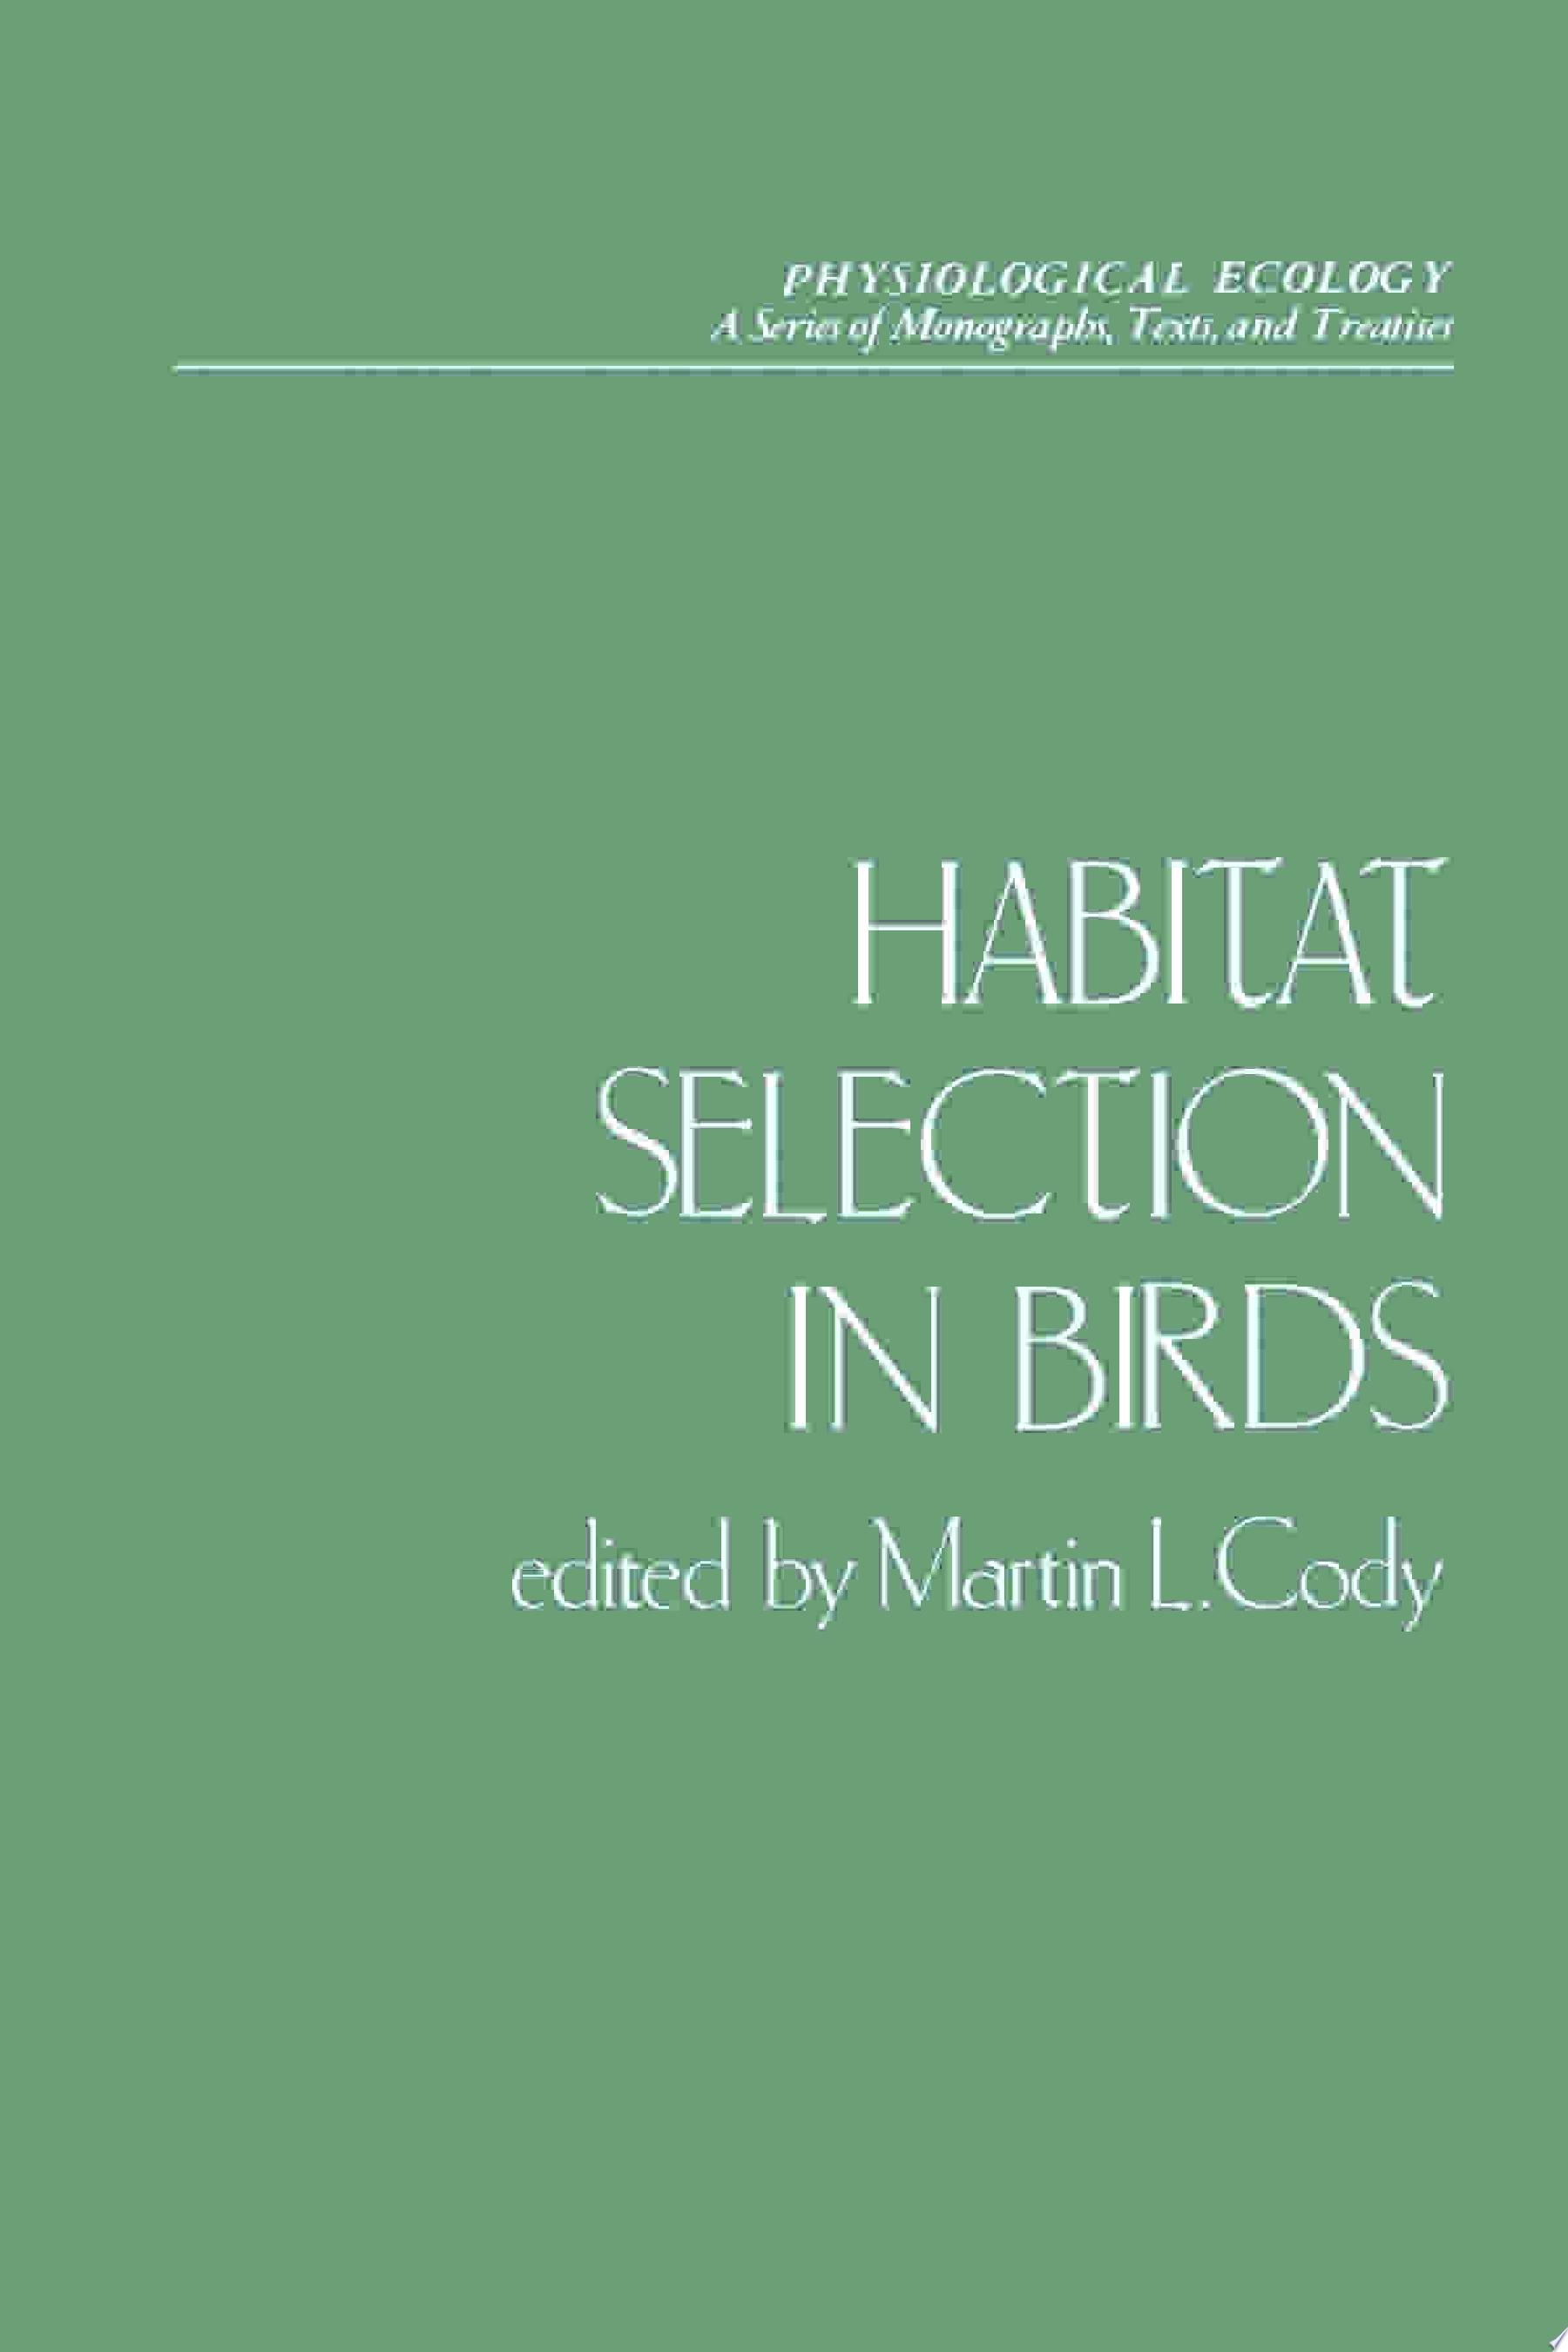 Habitat Selection in Birds